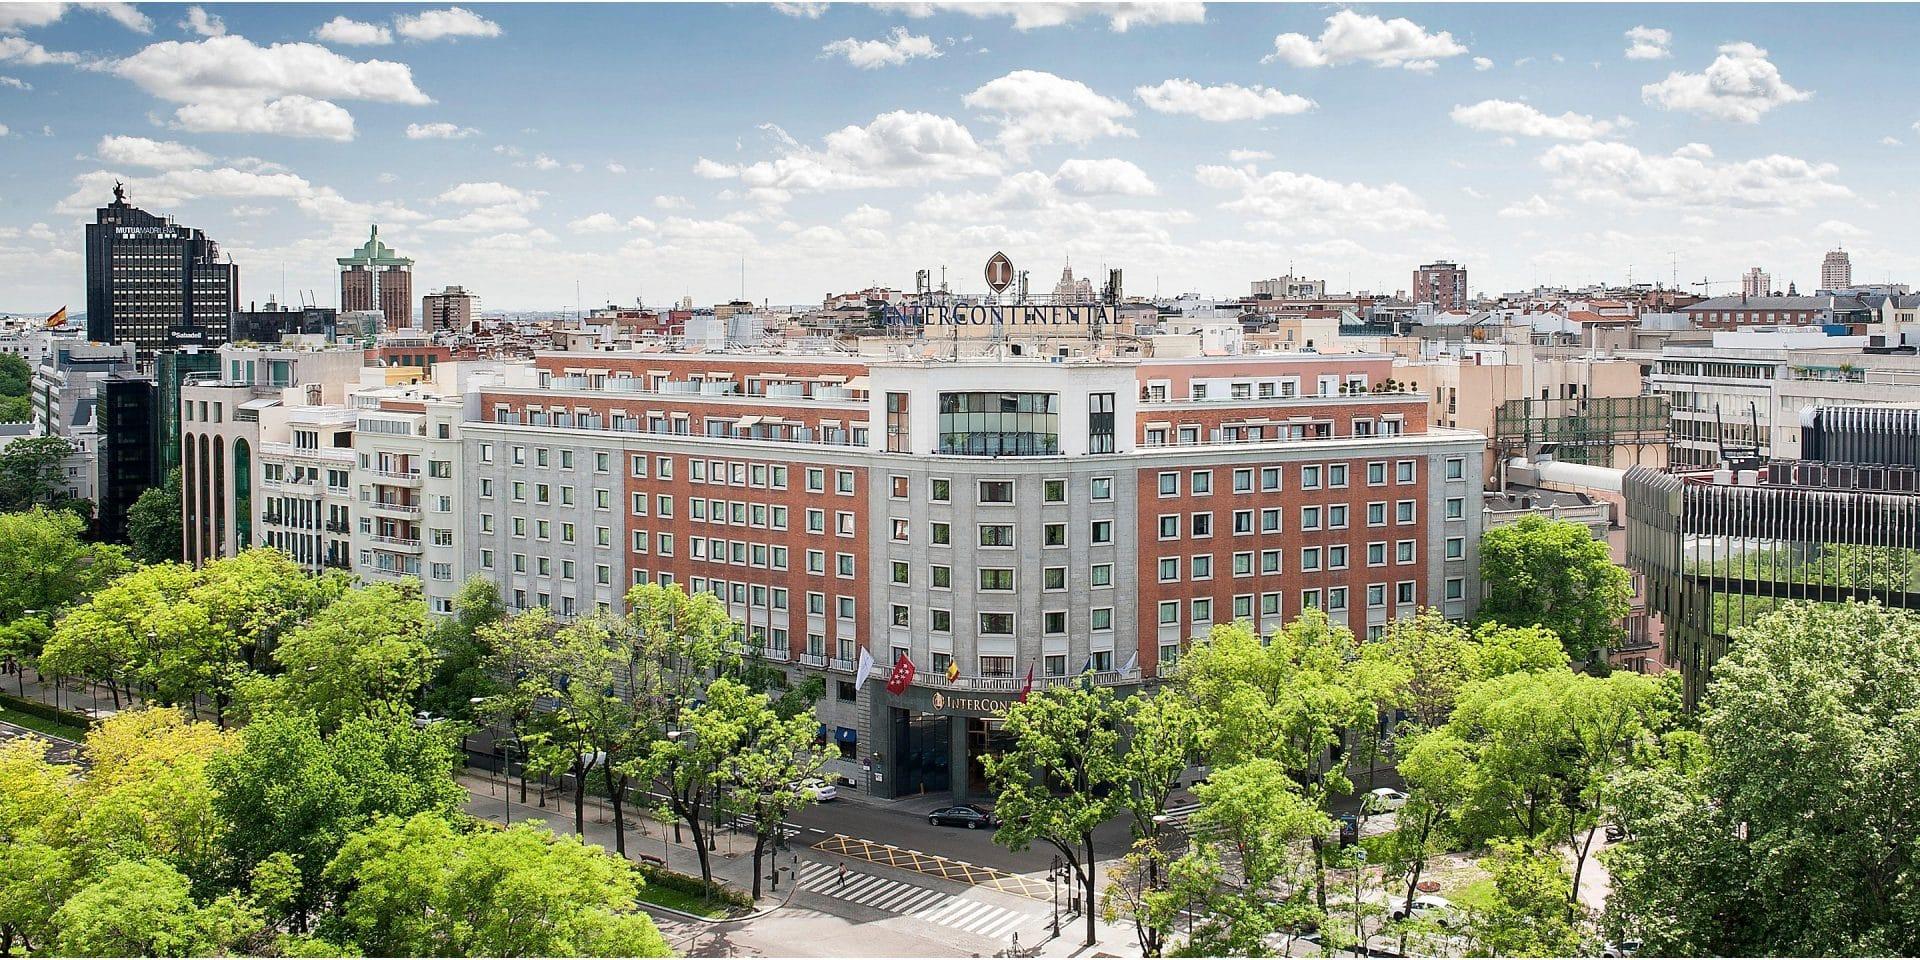 Intercontinental Madrid 4081857776 2x1